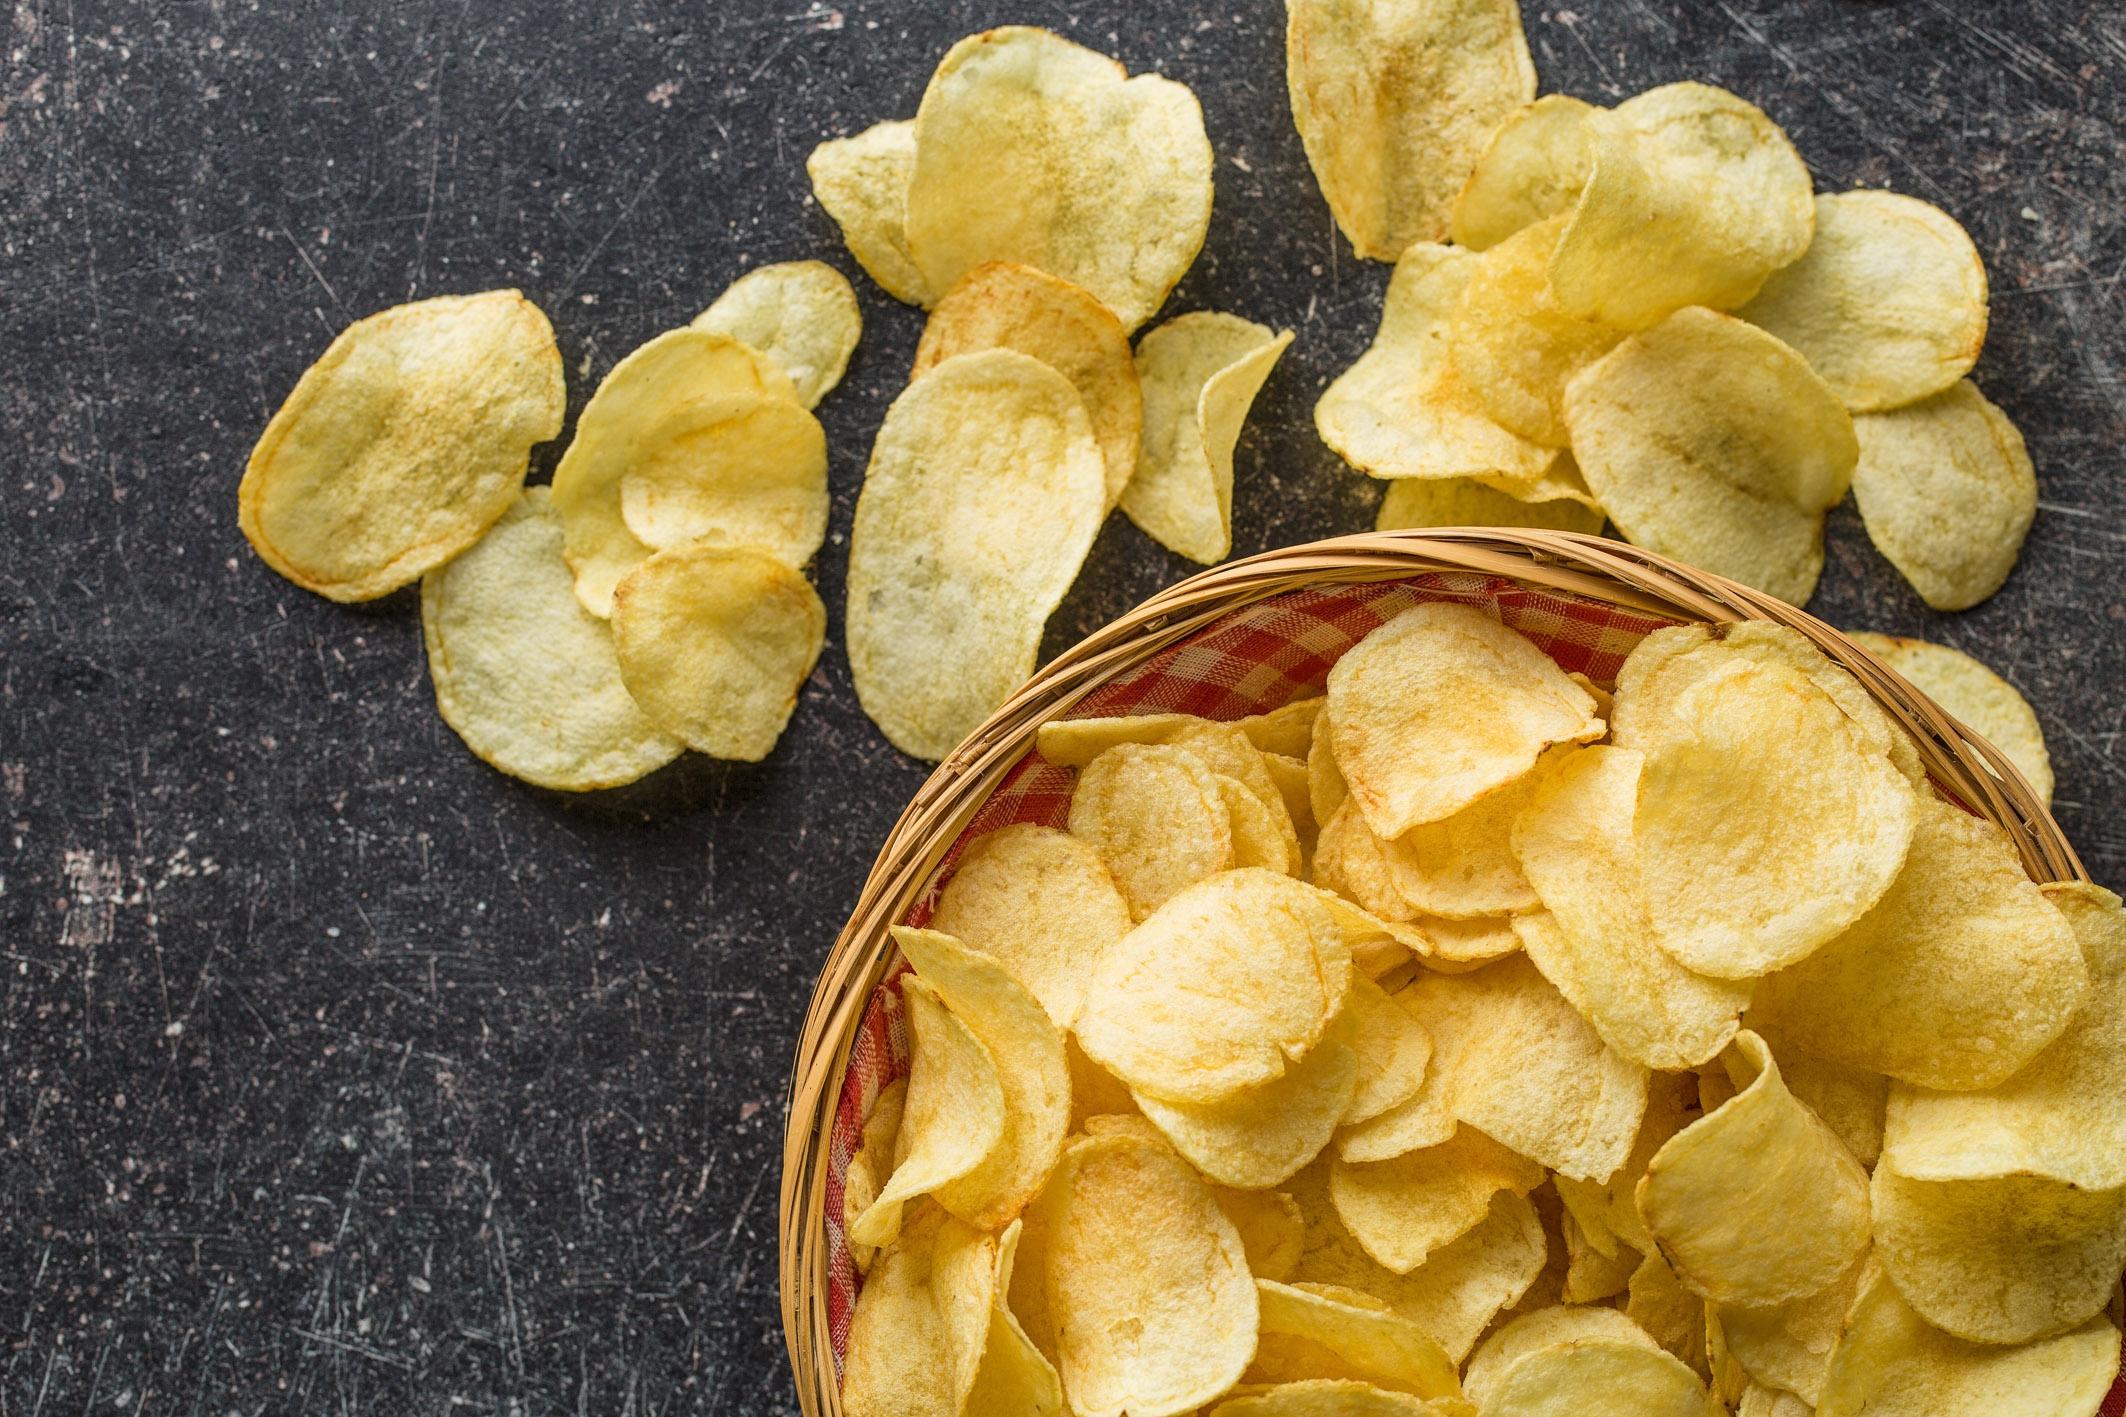 IEUW: Deze chips zijn eigenlijk gepofte restjes dierenvoer